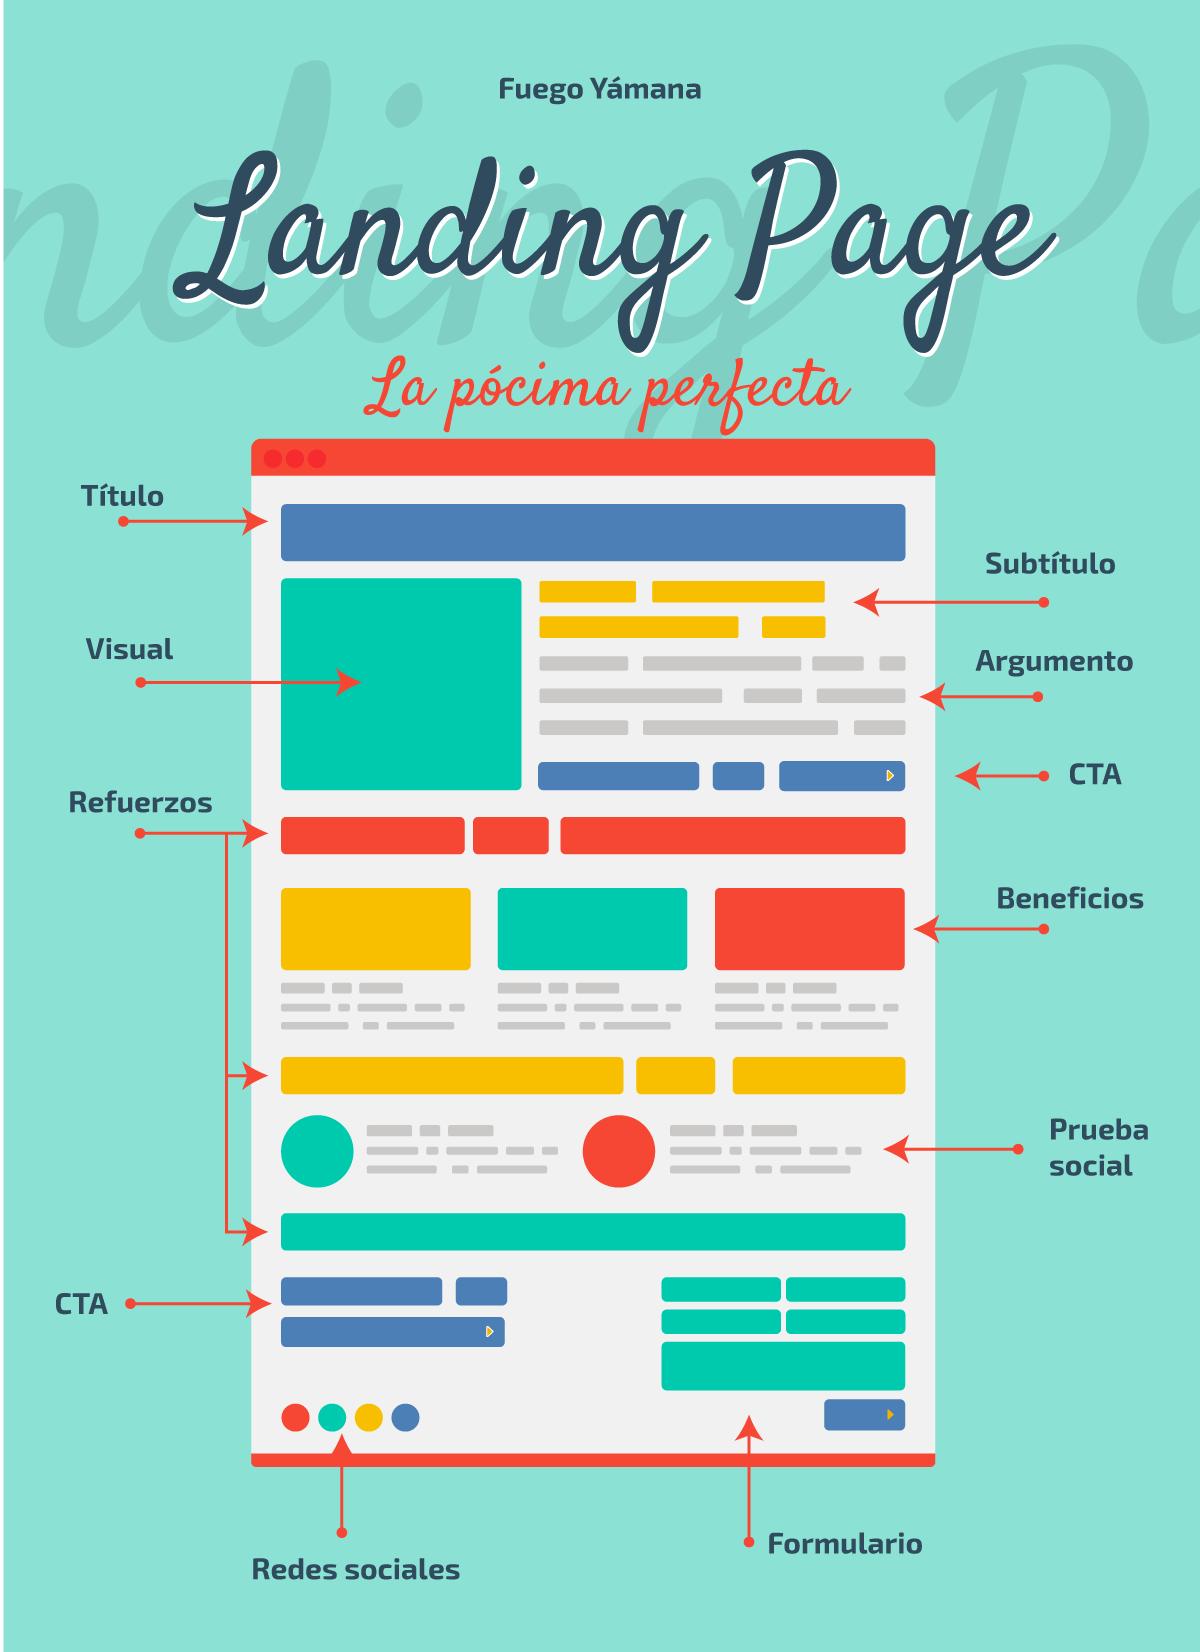 Elementos y anatomía de una landing page perfecta